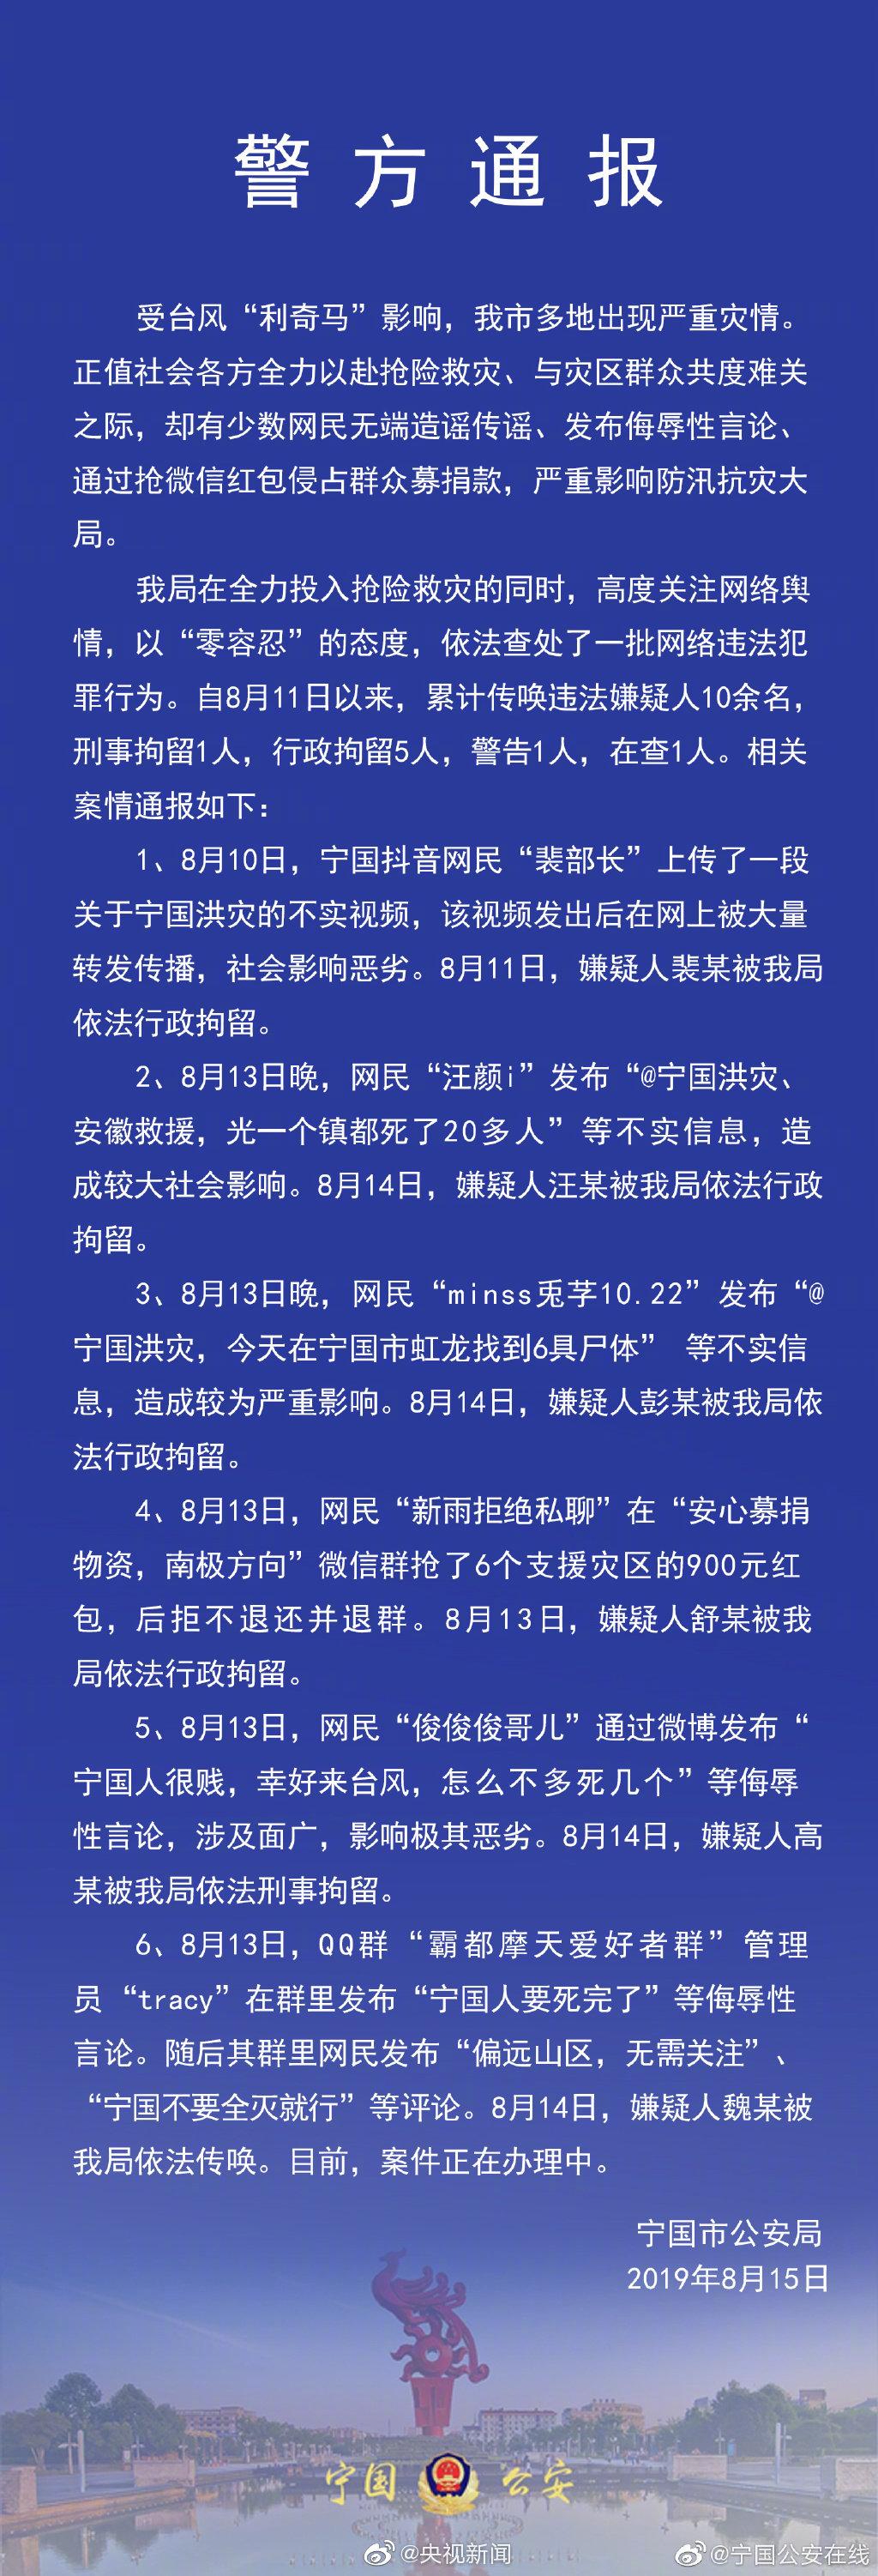 原标题:宁国公安在线 通报:造谣传谣零容忍!警方依法传唤10余名违法嫌疑人